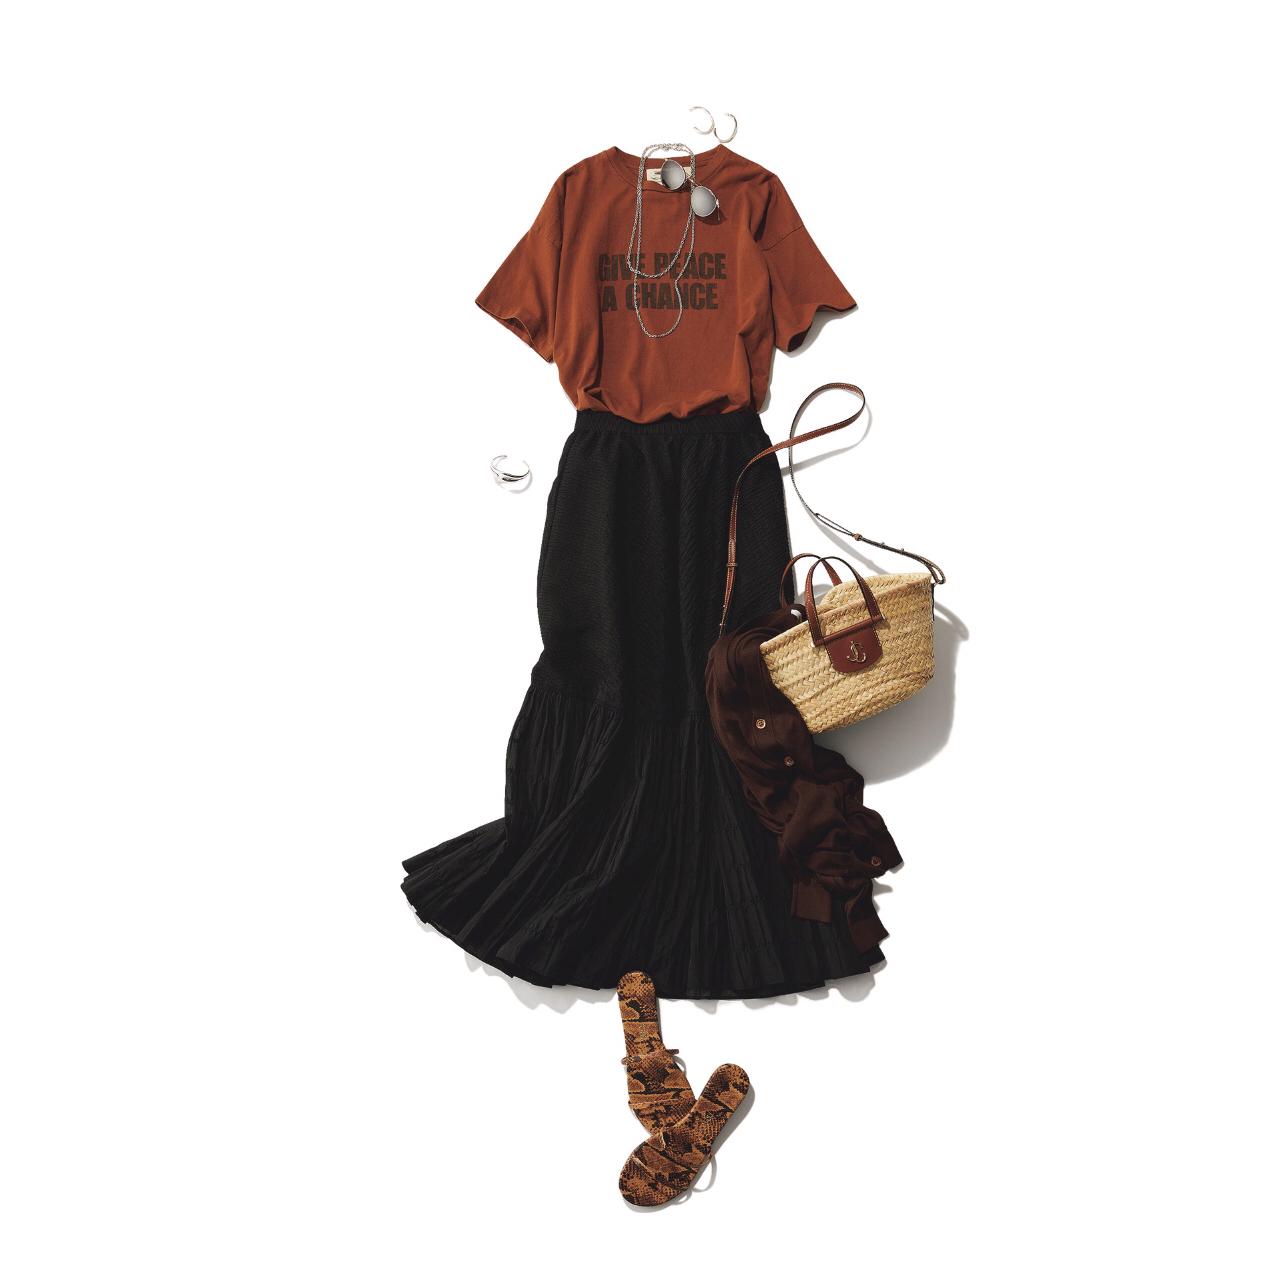 【真夏こそ映える黒コーデ】重たく見えず、シックに決まるアラフォーの黒コーデまとめ|40代ファッション_1_11